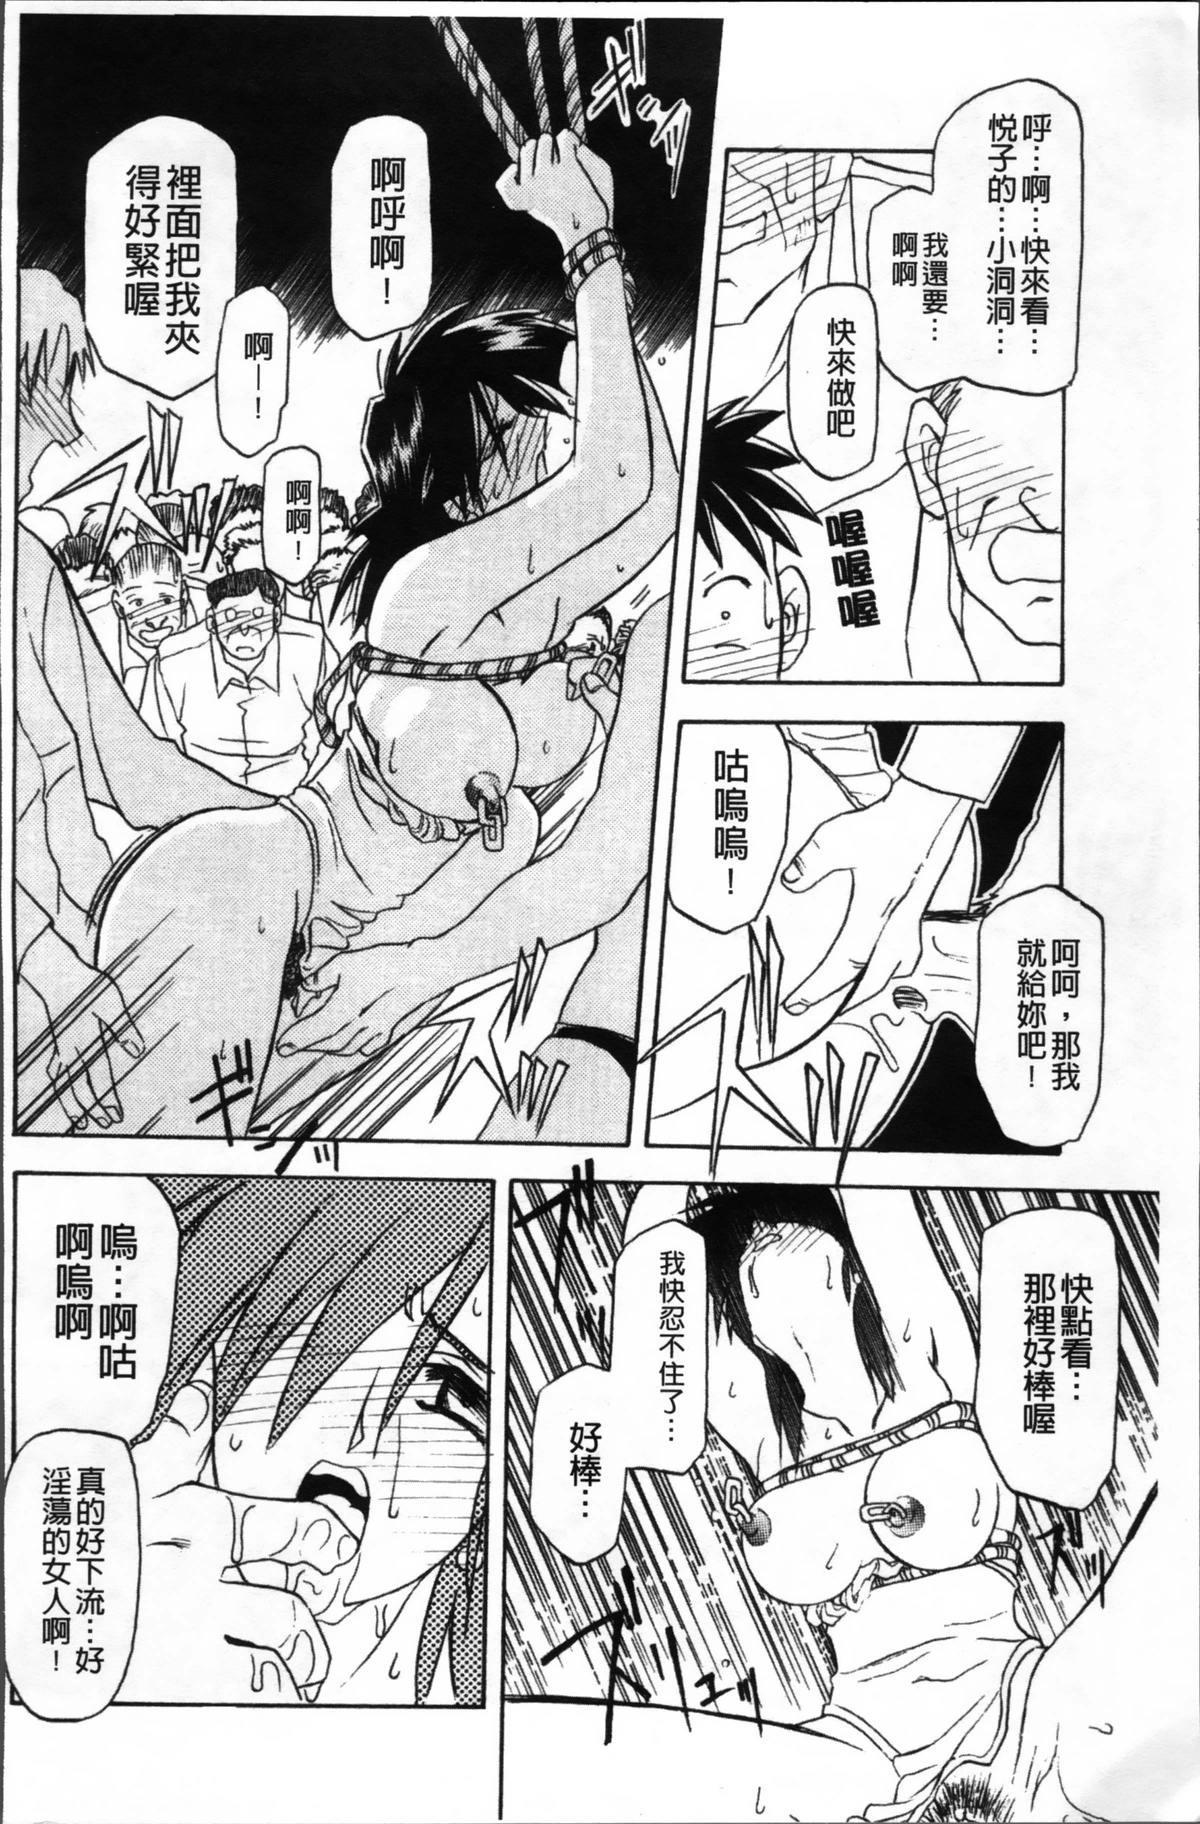 Hiiro no Koku Kanzenban   緋色之刻 完全版 223